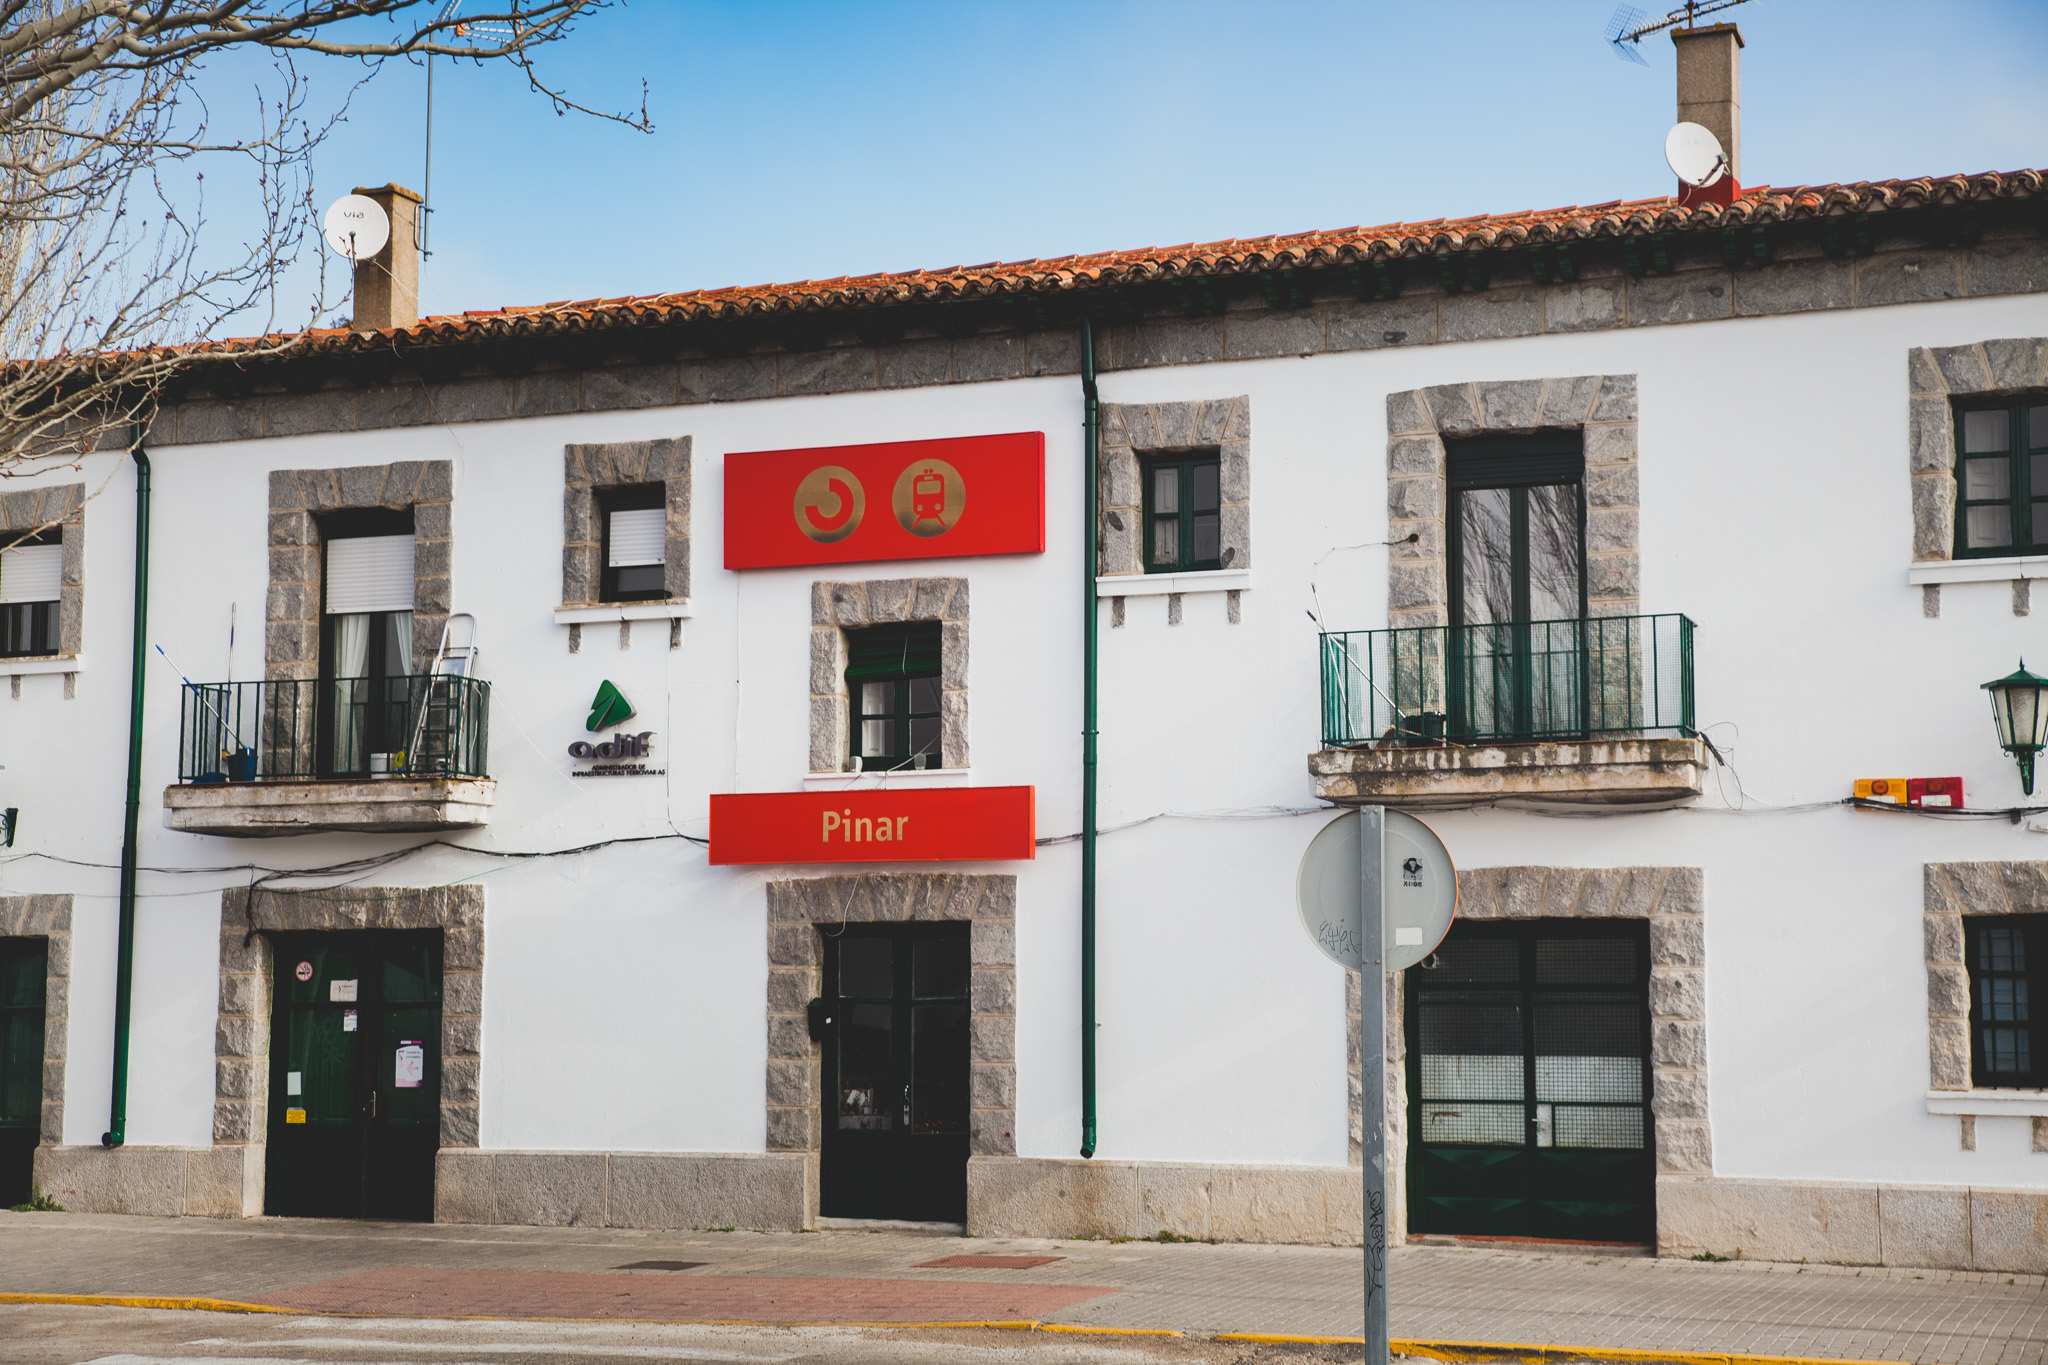 Los Rozas - 13-22-06 - 0198.jpg